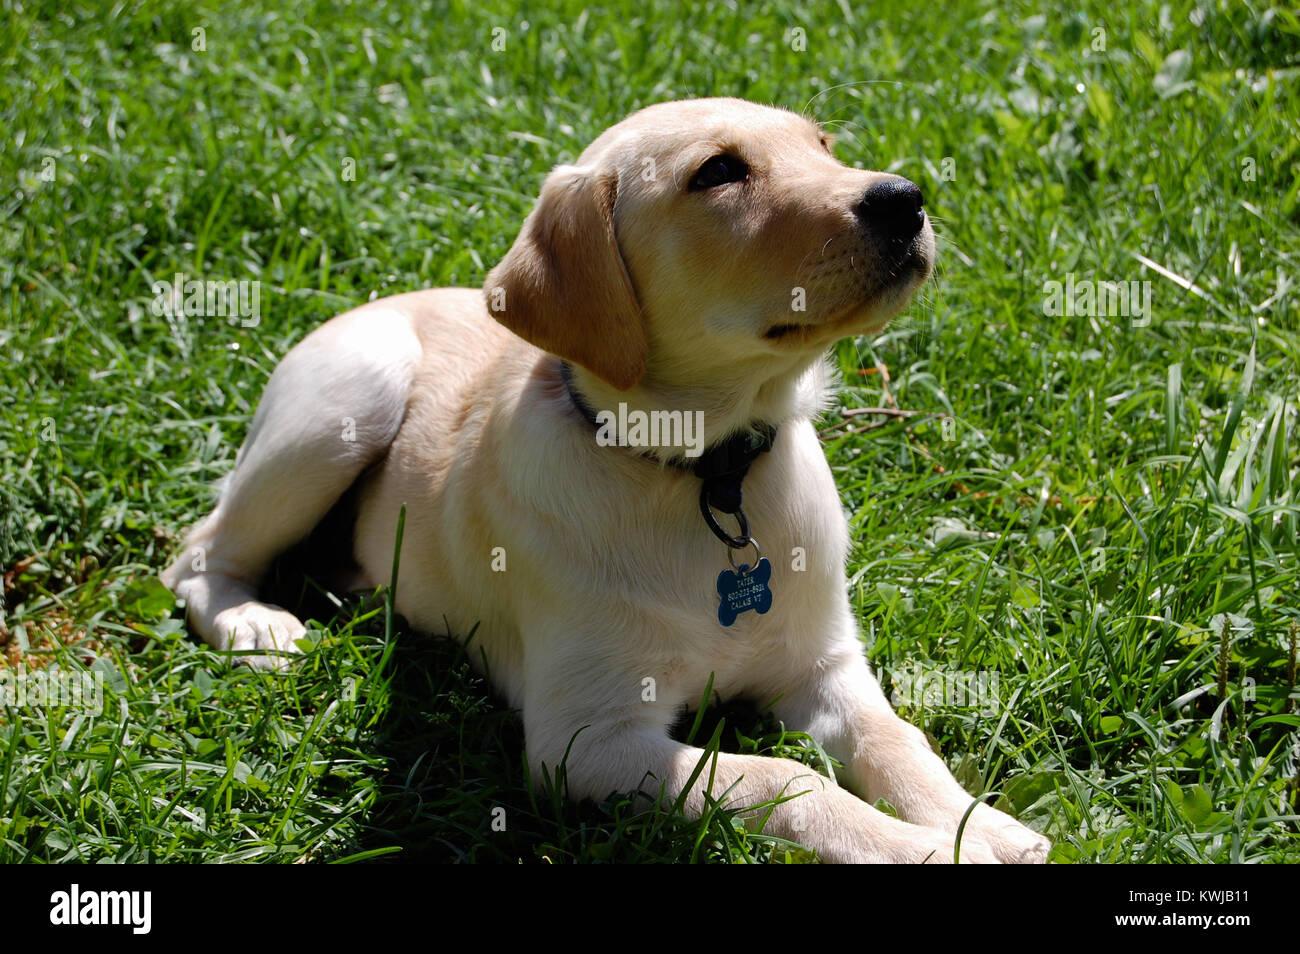 Welpen labrador sennenhund mix Berner Sennenhund